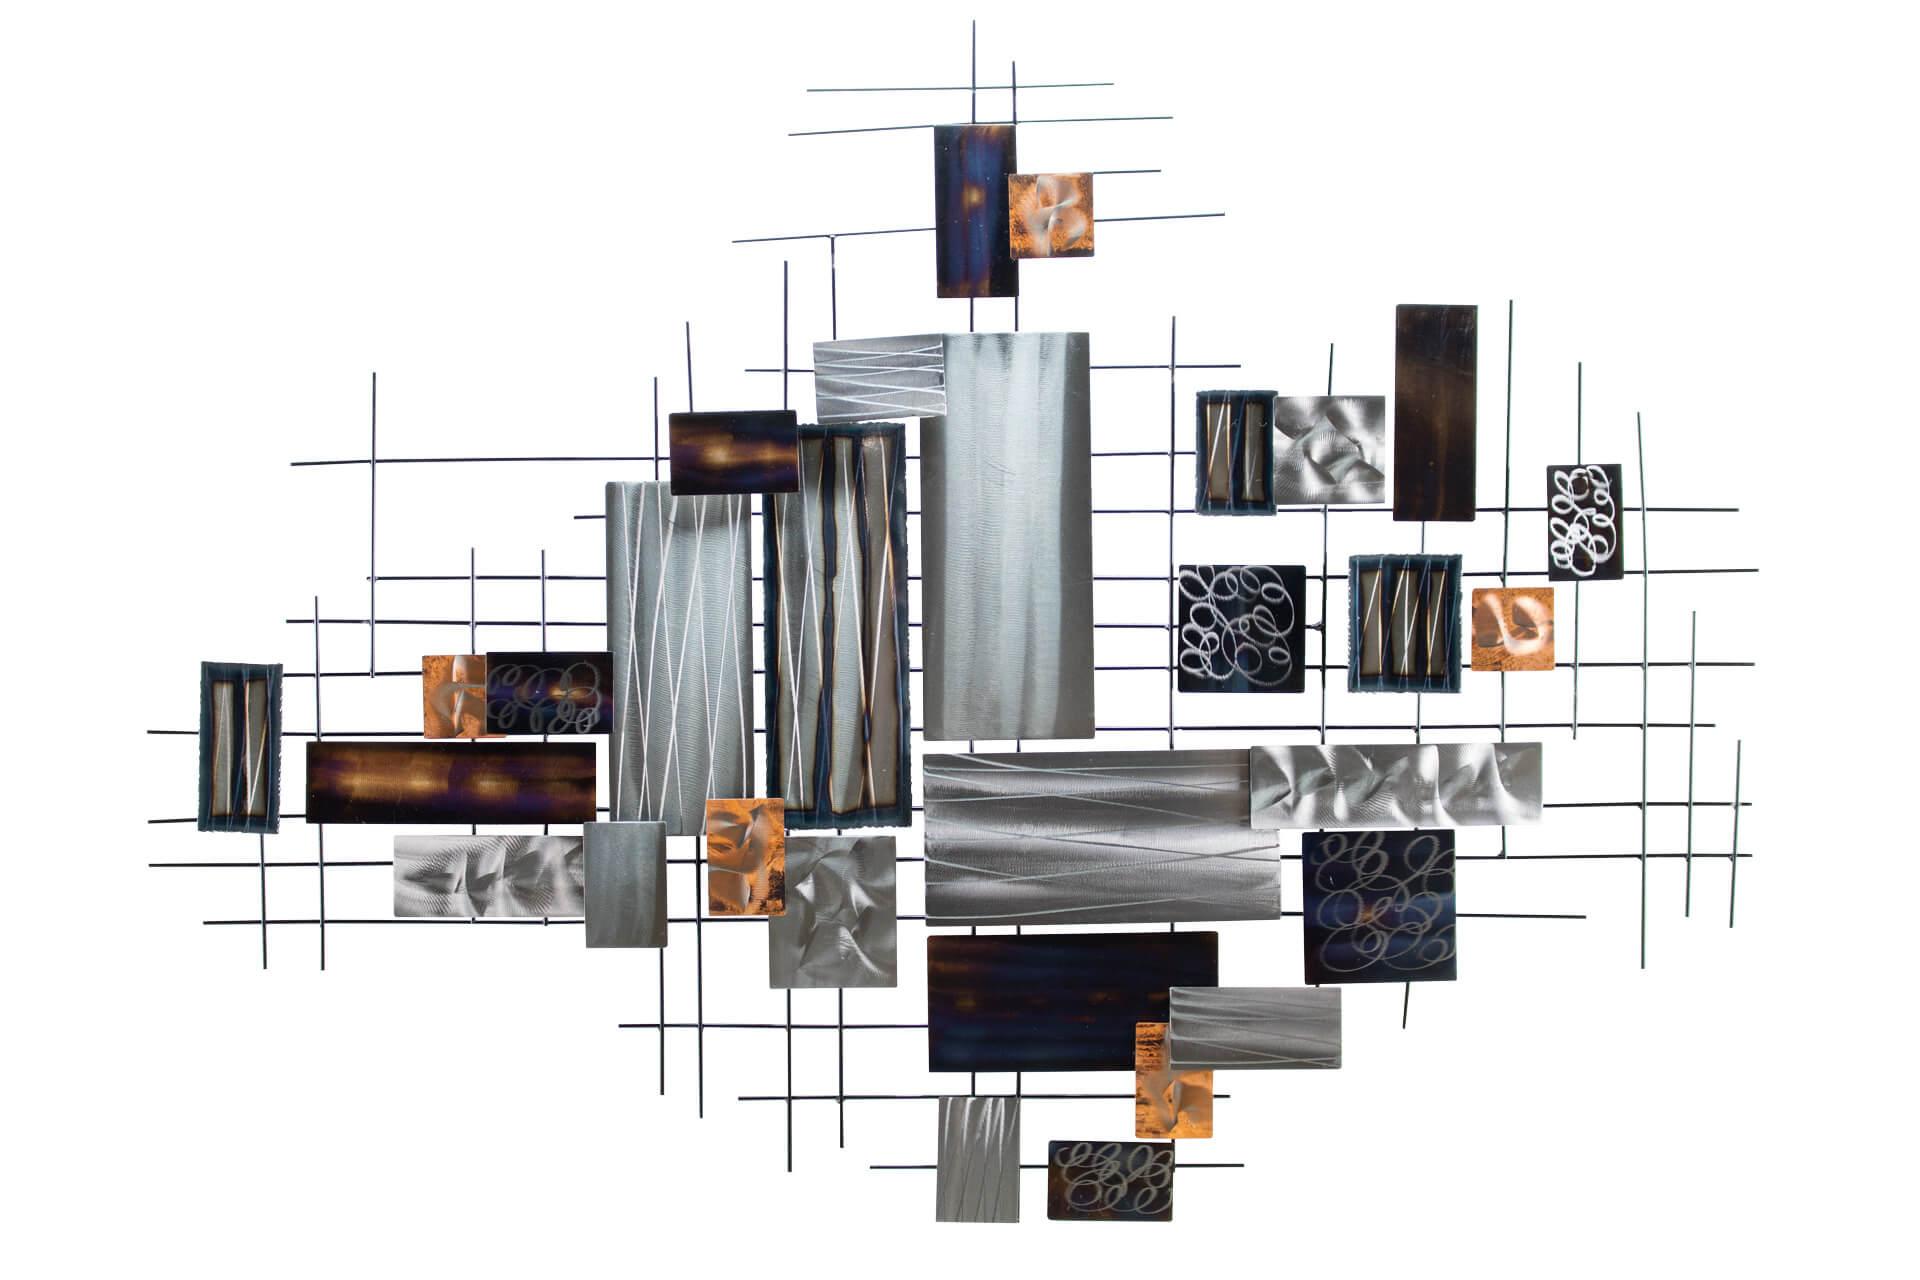 KL abstrakt quadrate silber braun wanddeko metall wandskulptur wandbilder aus metall 01